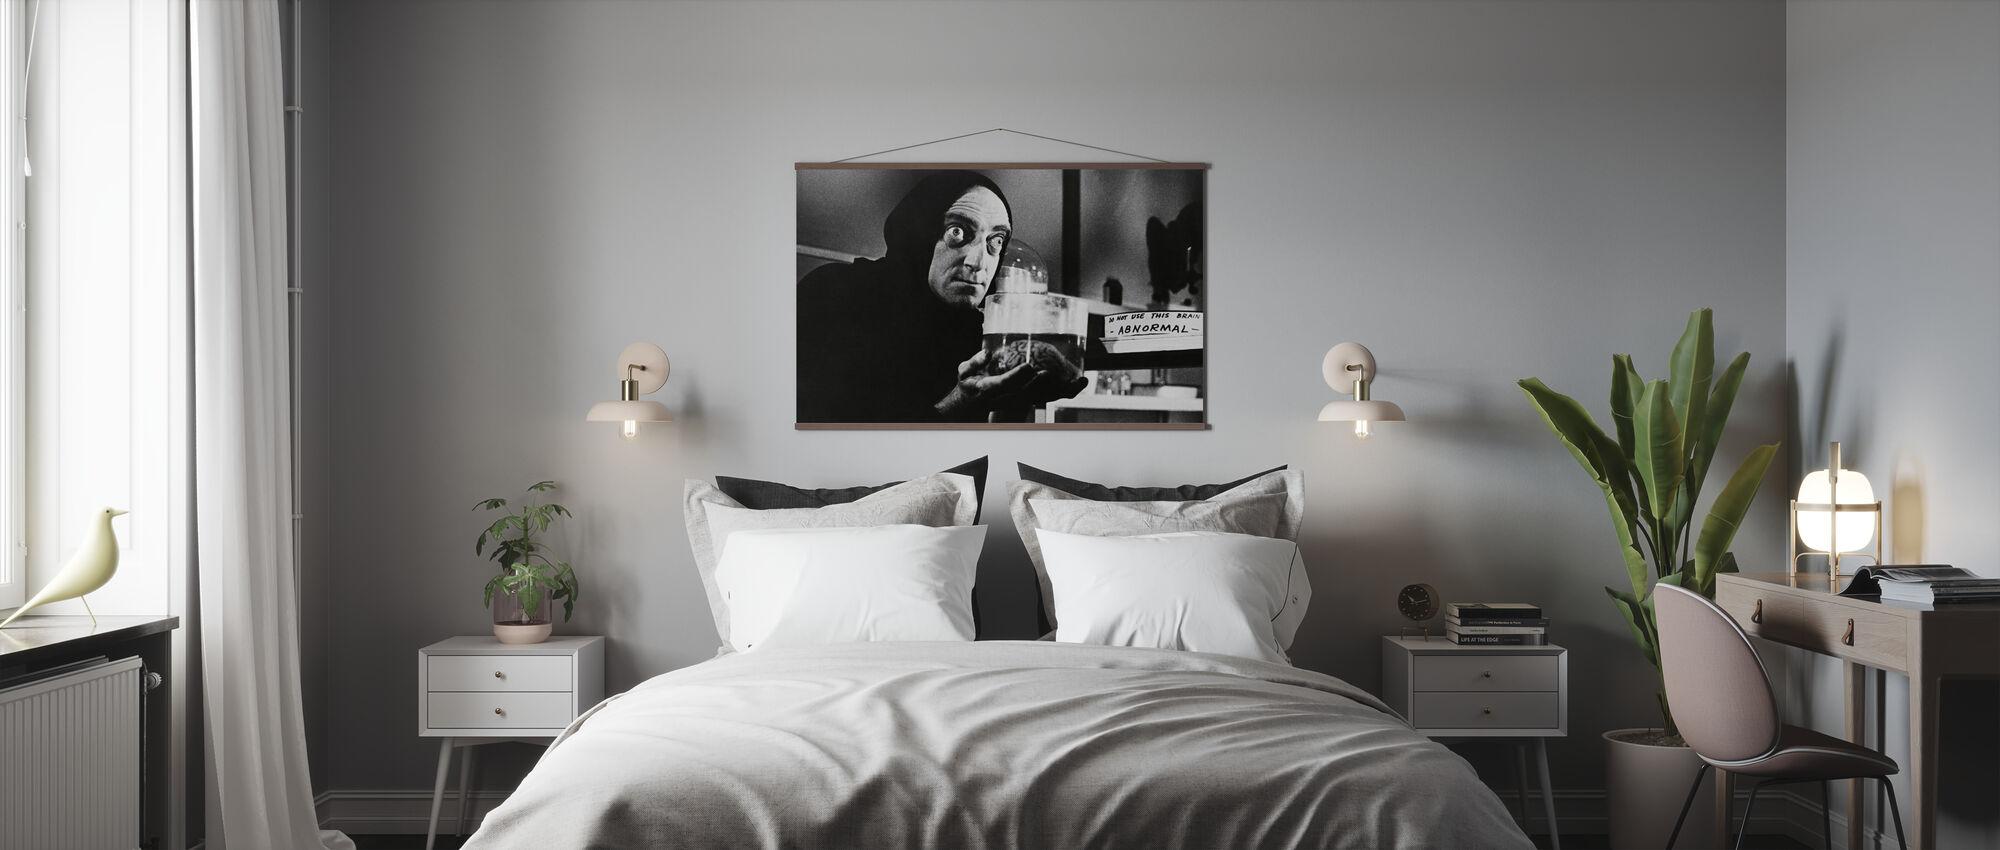 Young Frankenstein - Marty Feldman - Poster - Bedroom